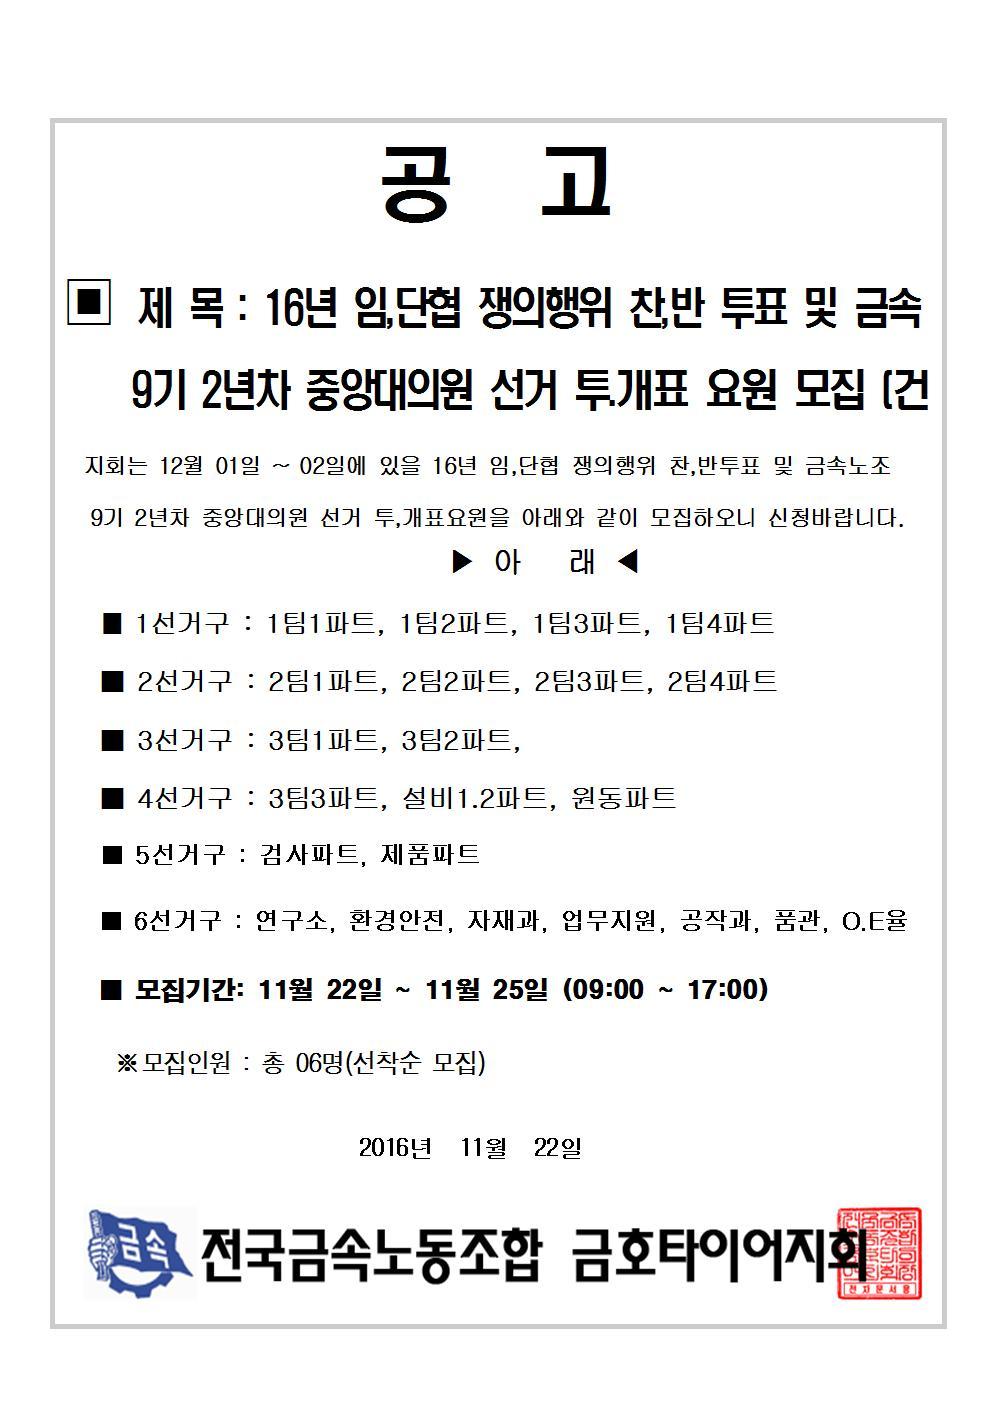 중앙대의원 및 쟁의행위 찬반투표 투개표 모집공고001.jpg